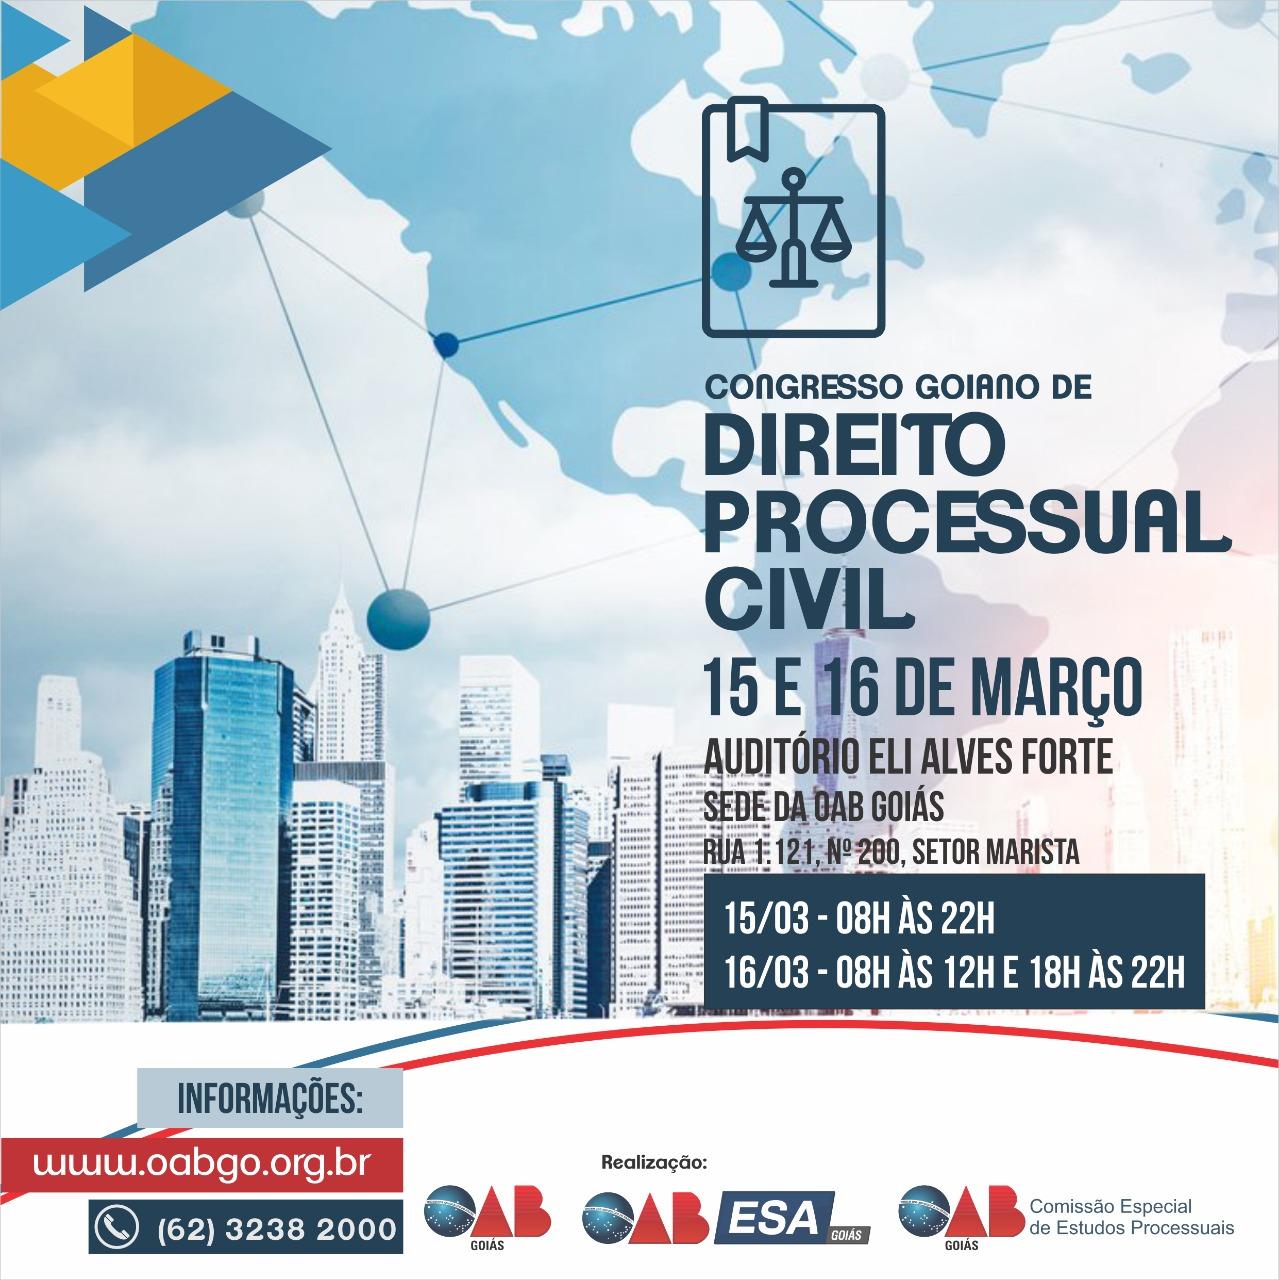 15 e 16.03 - Congresso Goiano de Direito Processual Civil